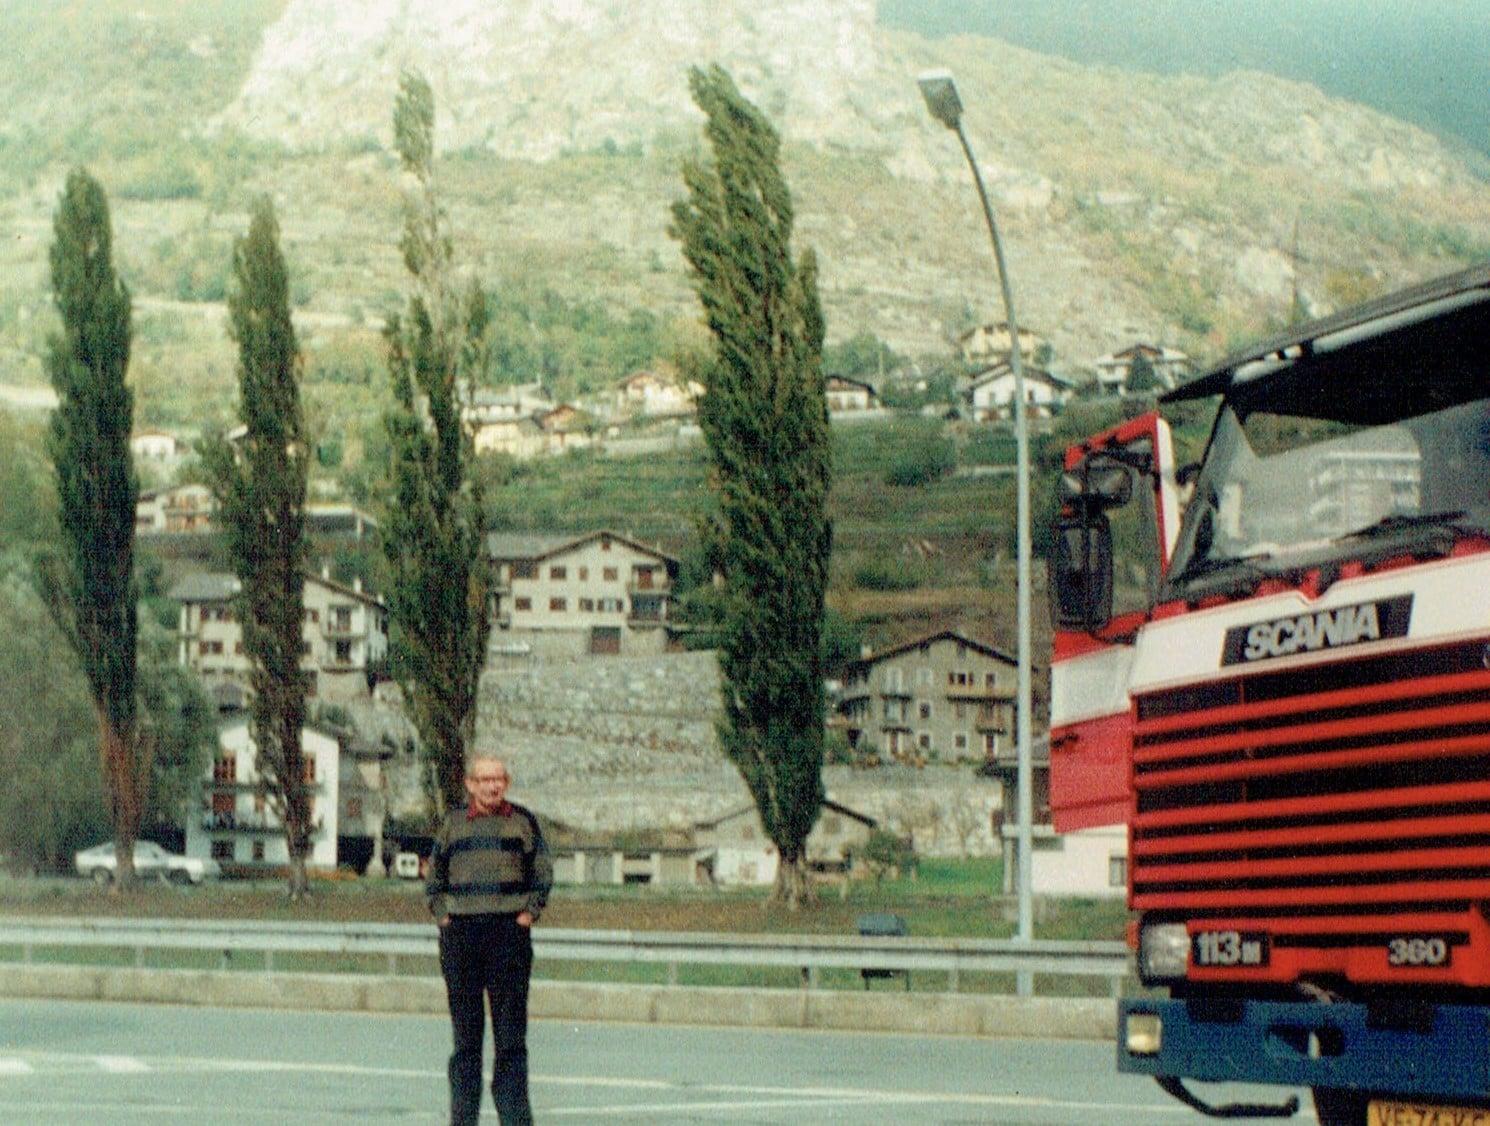 Jaap-Warnders--1990-mijn-vader-mee-rit-bloemen-naar-Italie-en-druiven-naar-Duitsland-retour--(3)